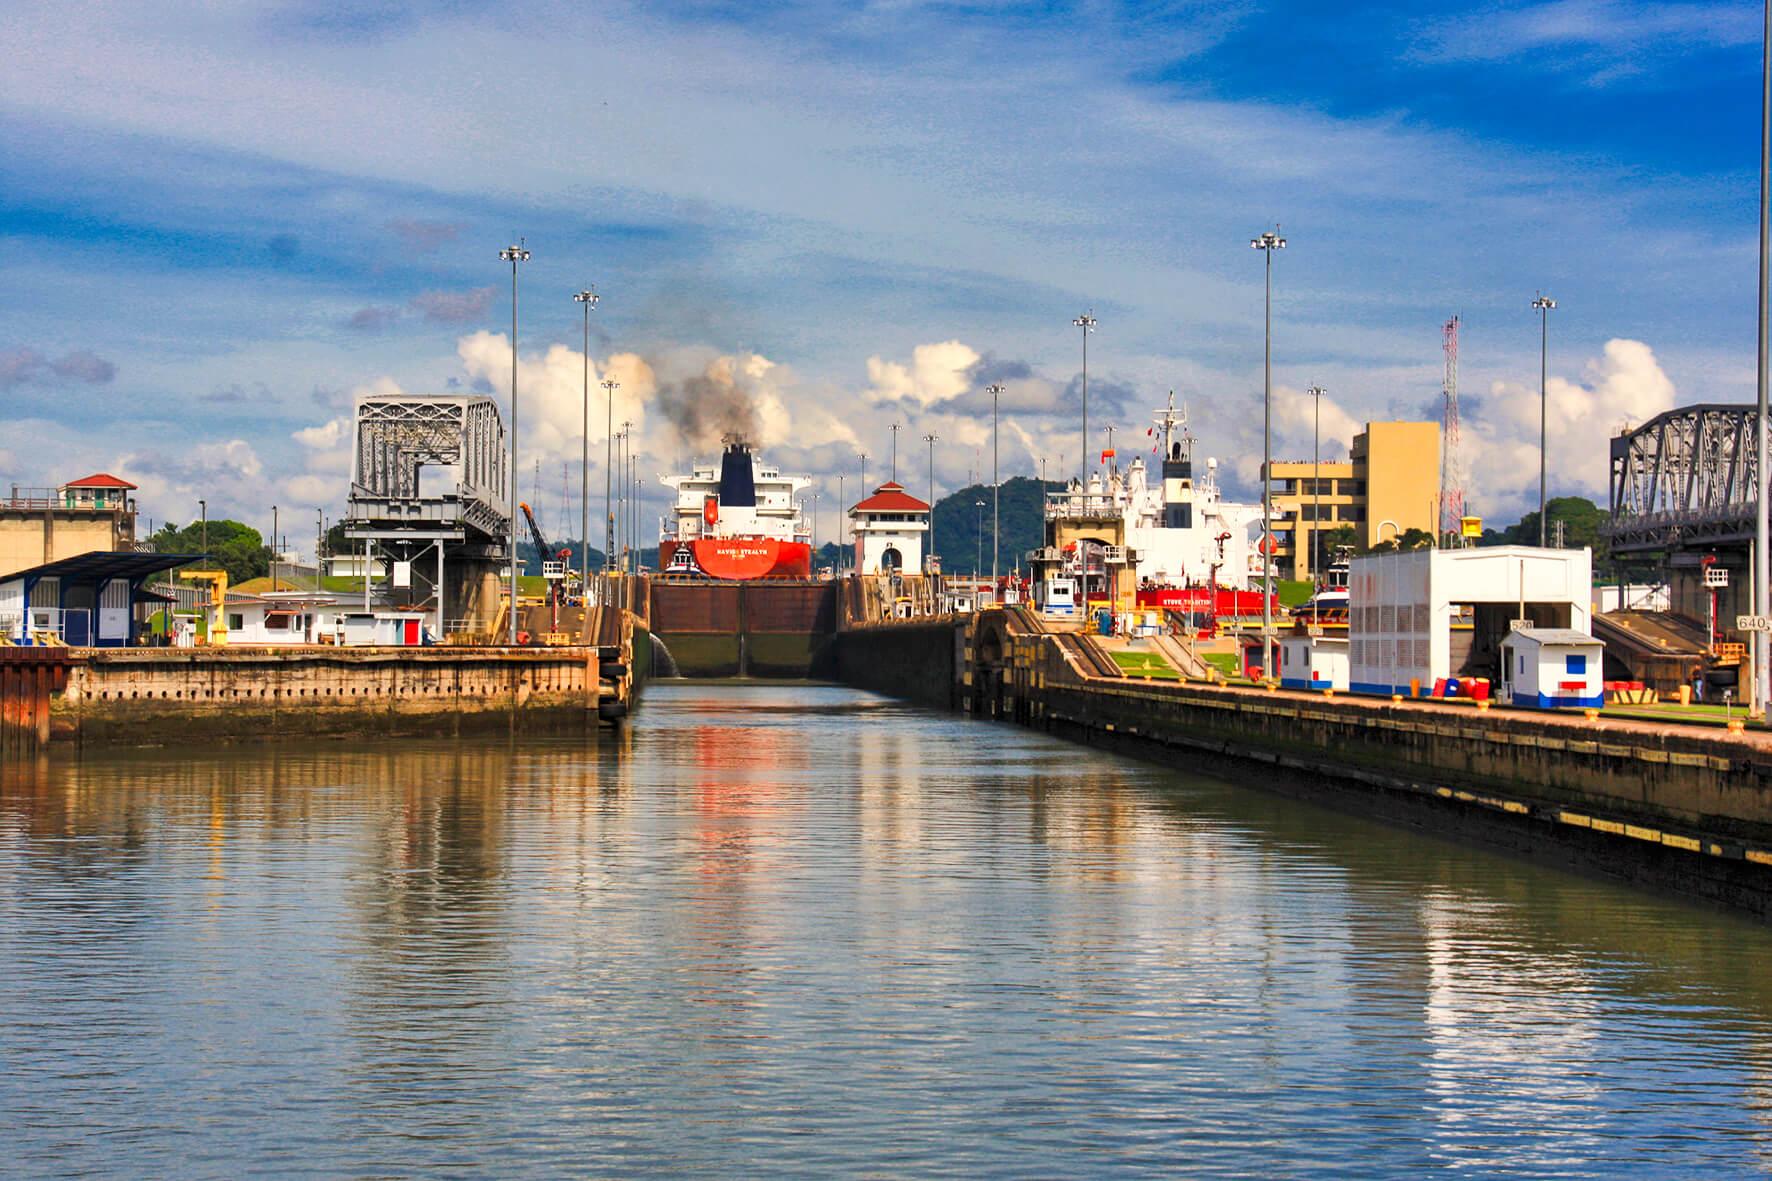 Barcos en tránsito esclusa de Miraflores